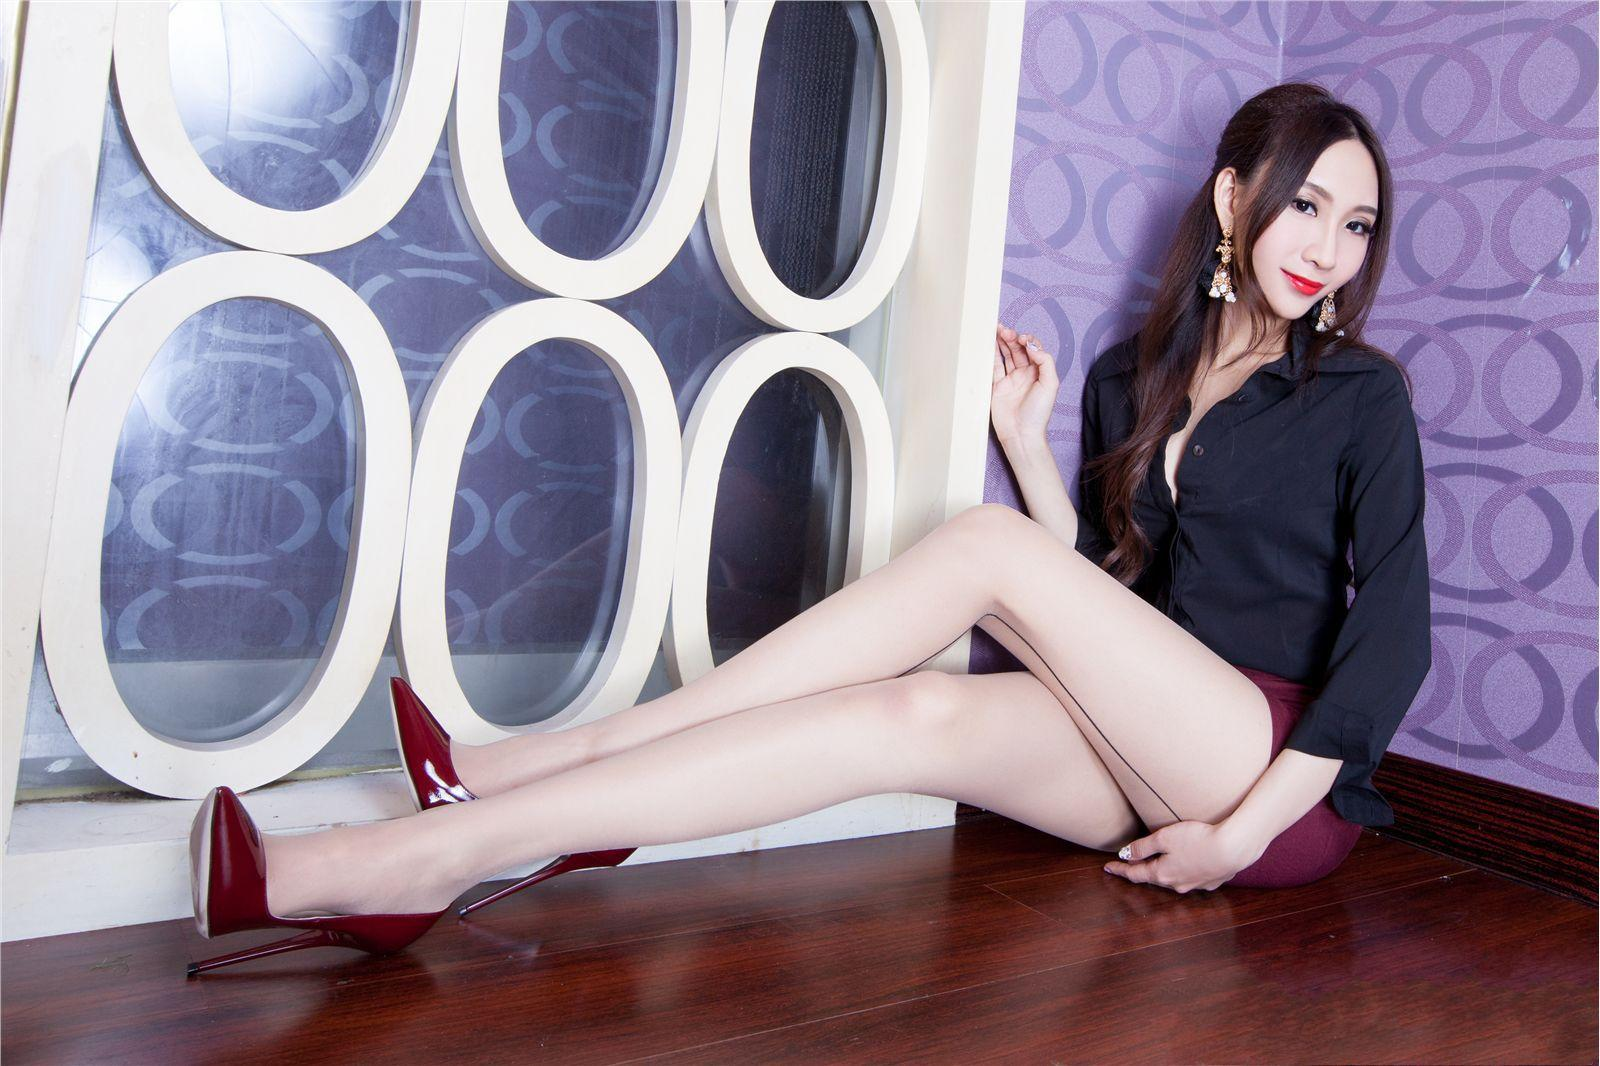 台湾大长腿美女Miki高跟美腿性感玉足性感美伊丽莎白奥妹肉丝奥尔森图片